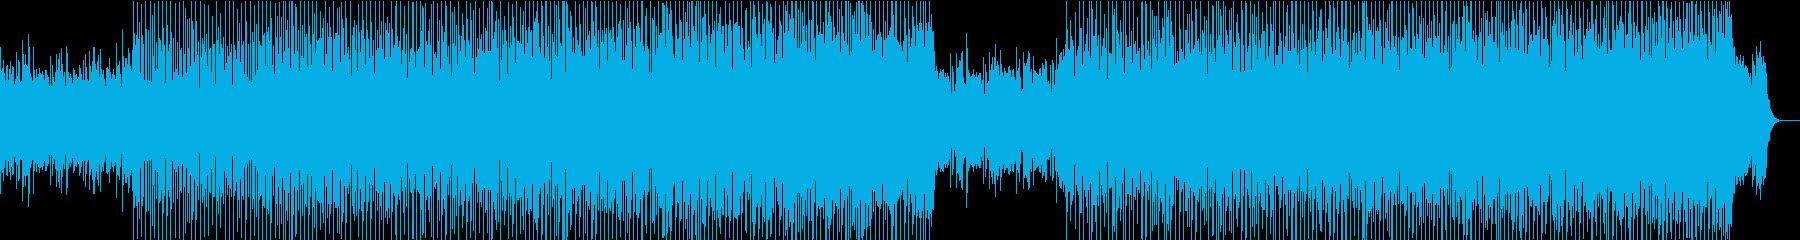 エキゾチックな雰囲気のチル系エレクトロの再生済みの波形